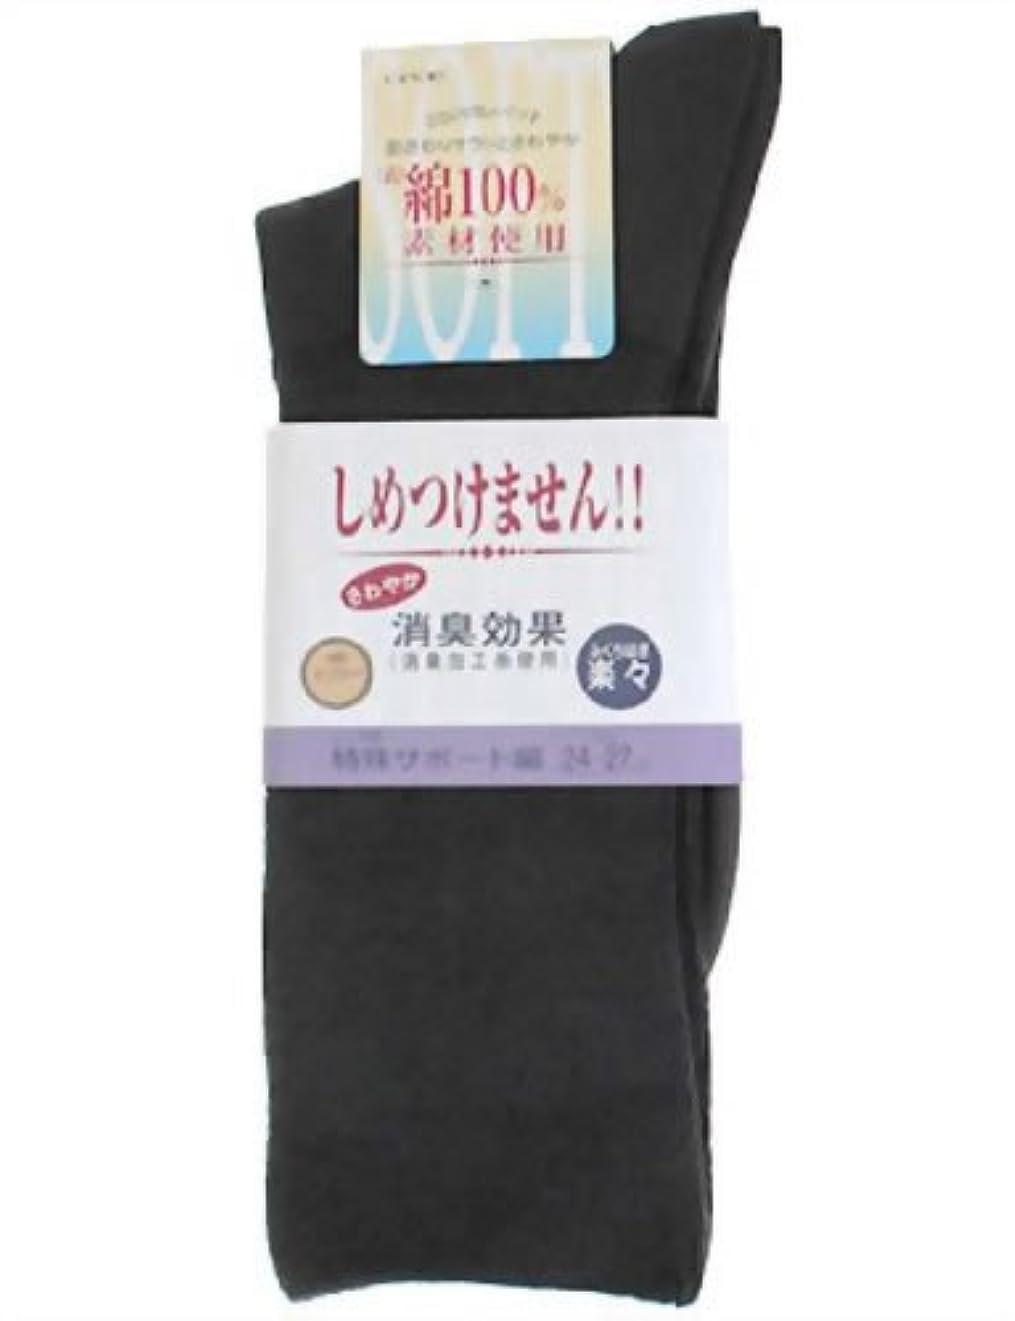 曲ネット鳴らすコベス 紳士用 ふくらはぎ楽らくソックス(綿混) ダークグレー 24-27cm